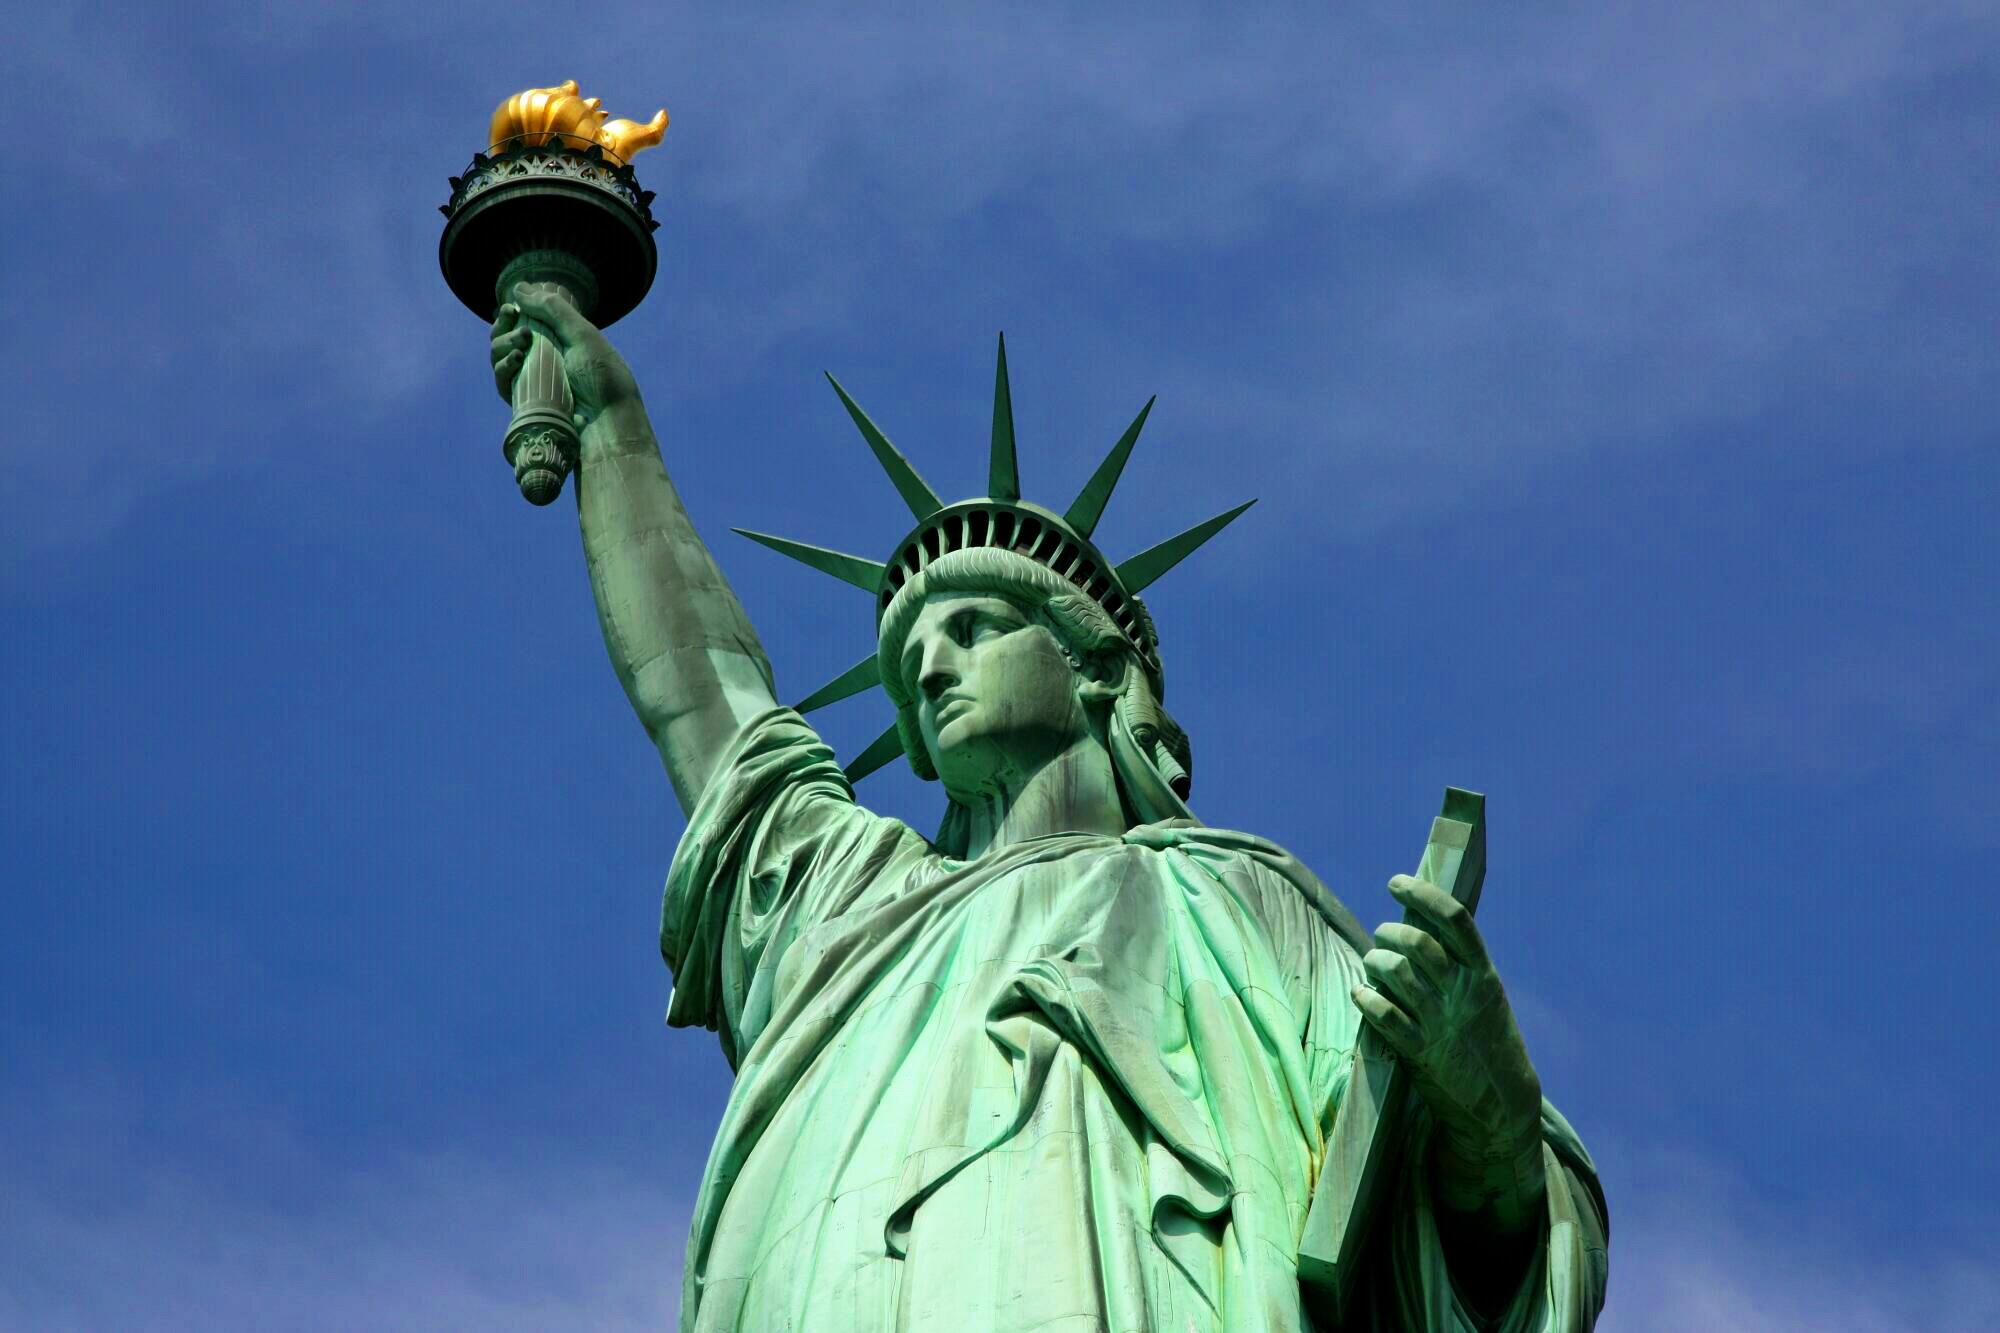 Freiheitsstatue, USA